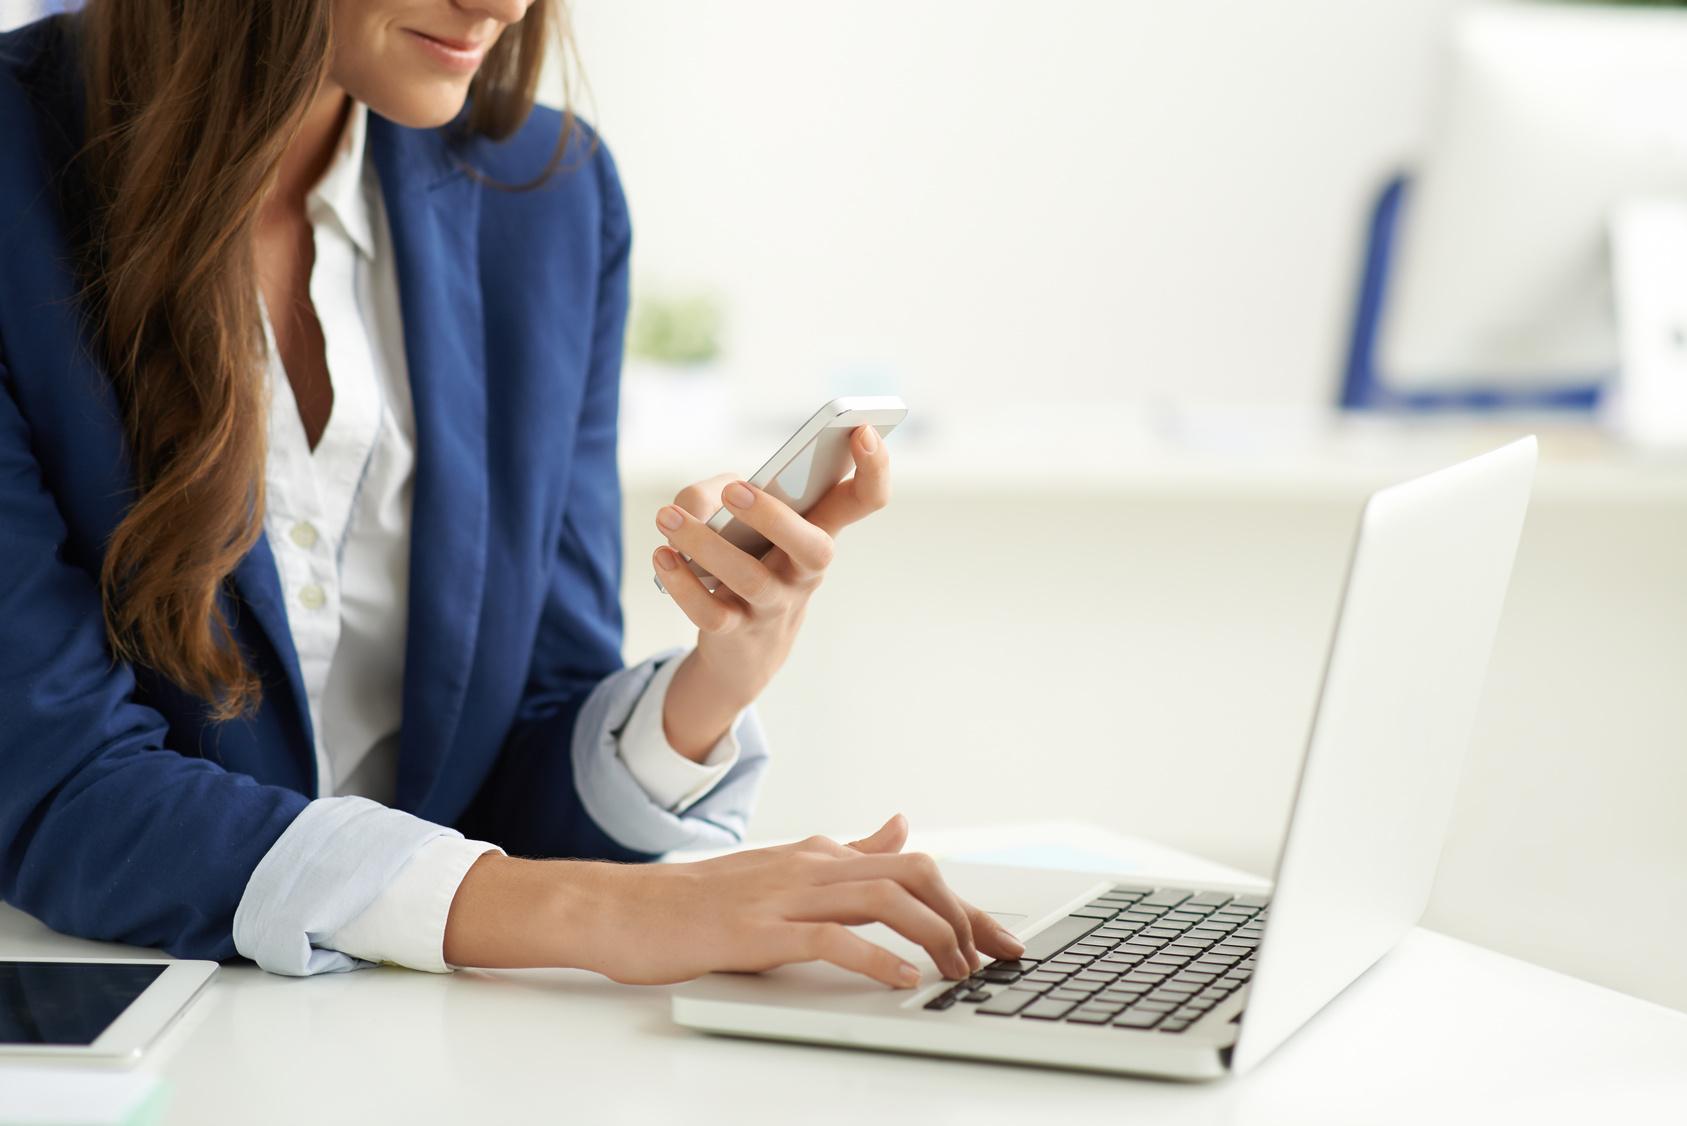 Teknoloji Bağımlılığı başlıklı yazı için bir elinde bilgisayar, diğerinde akıllı telefon olab bir iş kadını fotoğrafı